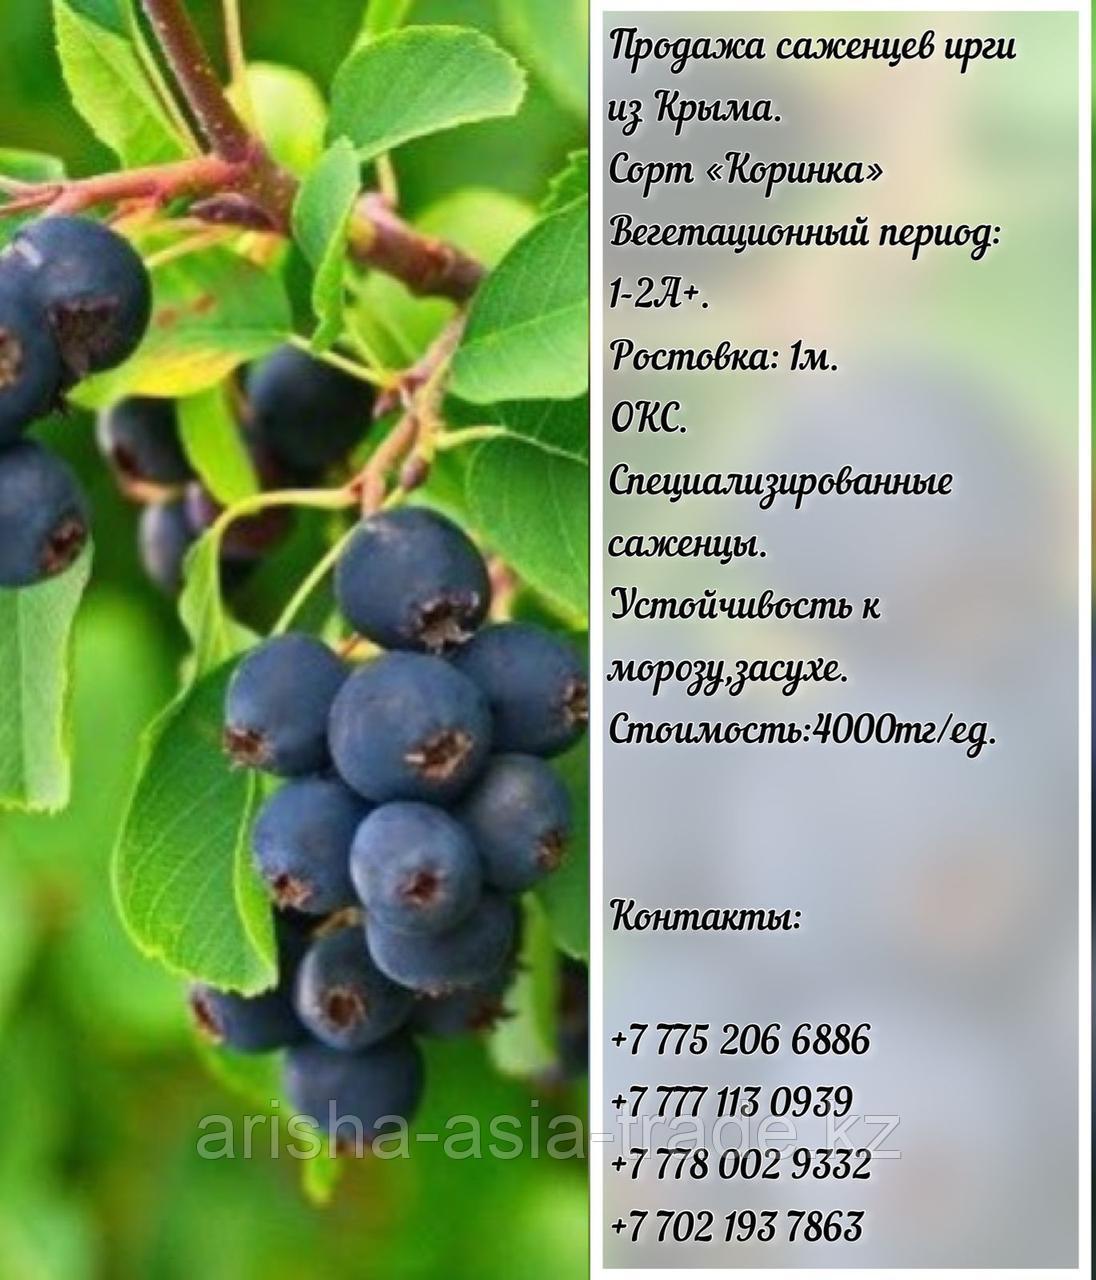 """Саженец ирга """"Коринка"""" Крым"""